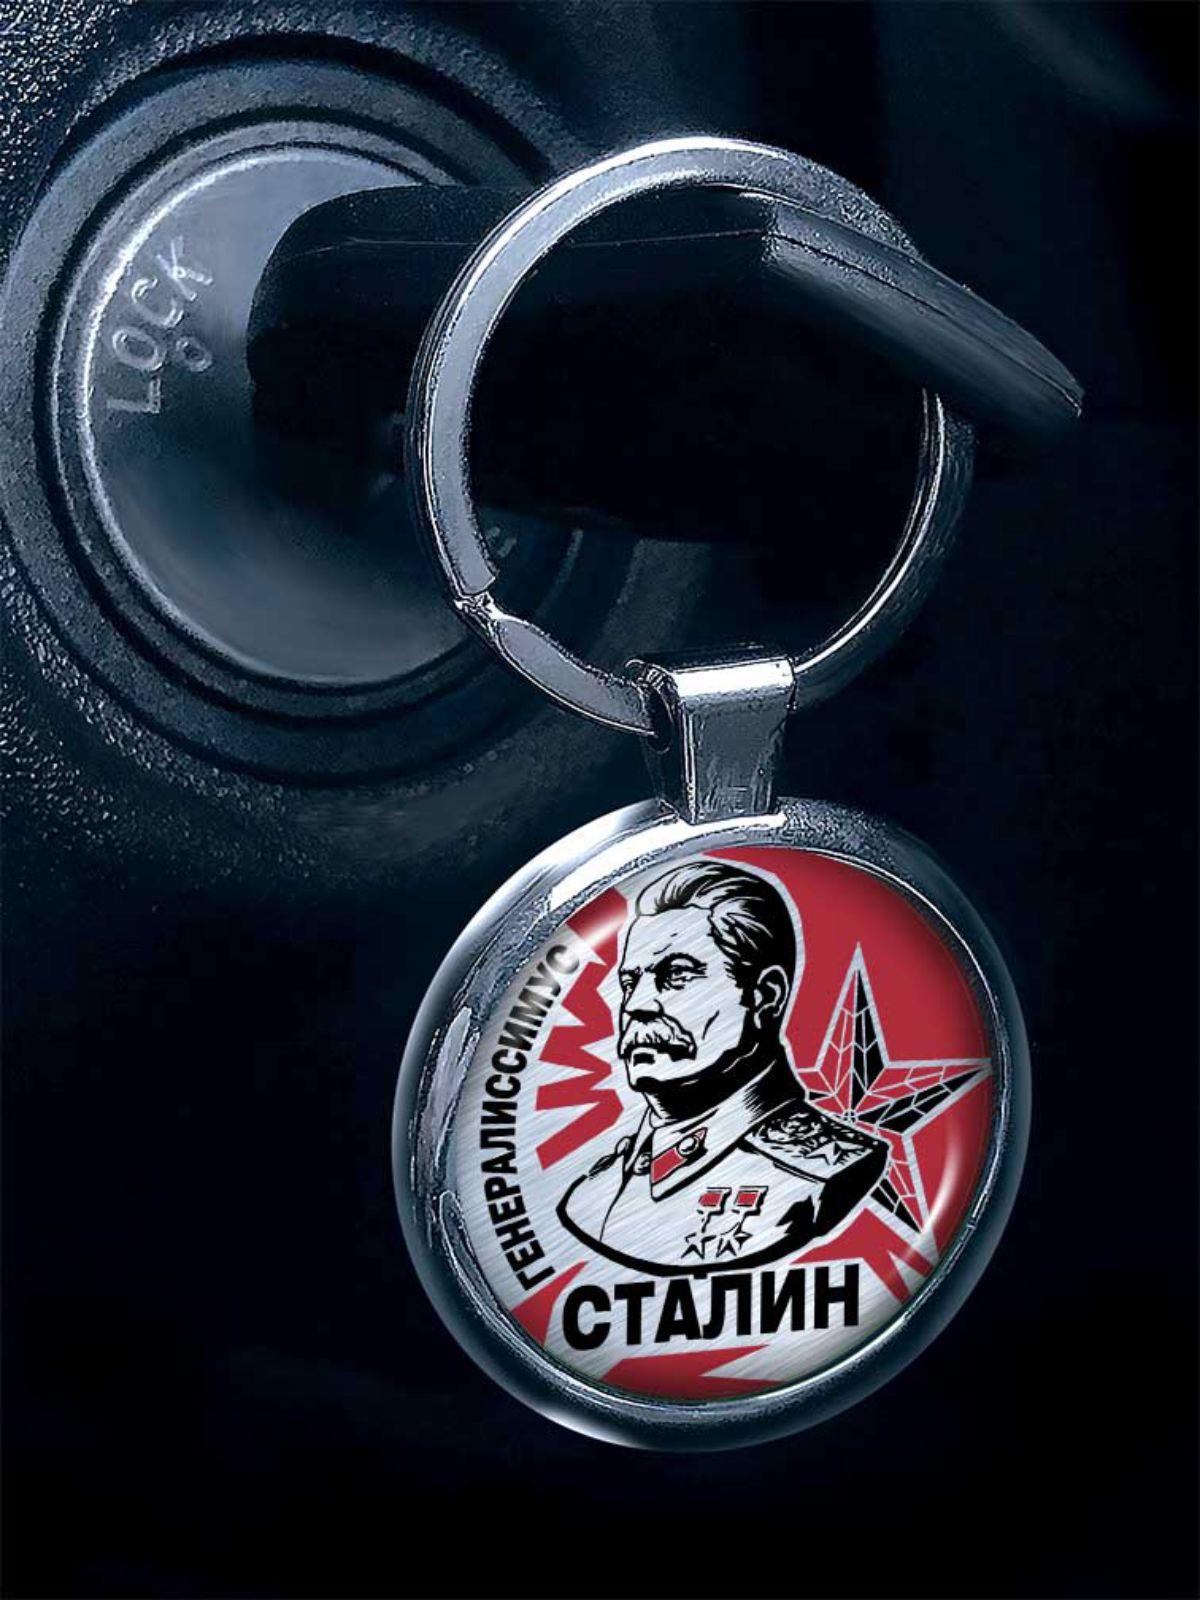 Заказать двухсторонний брелок Сталин